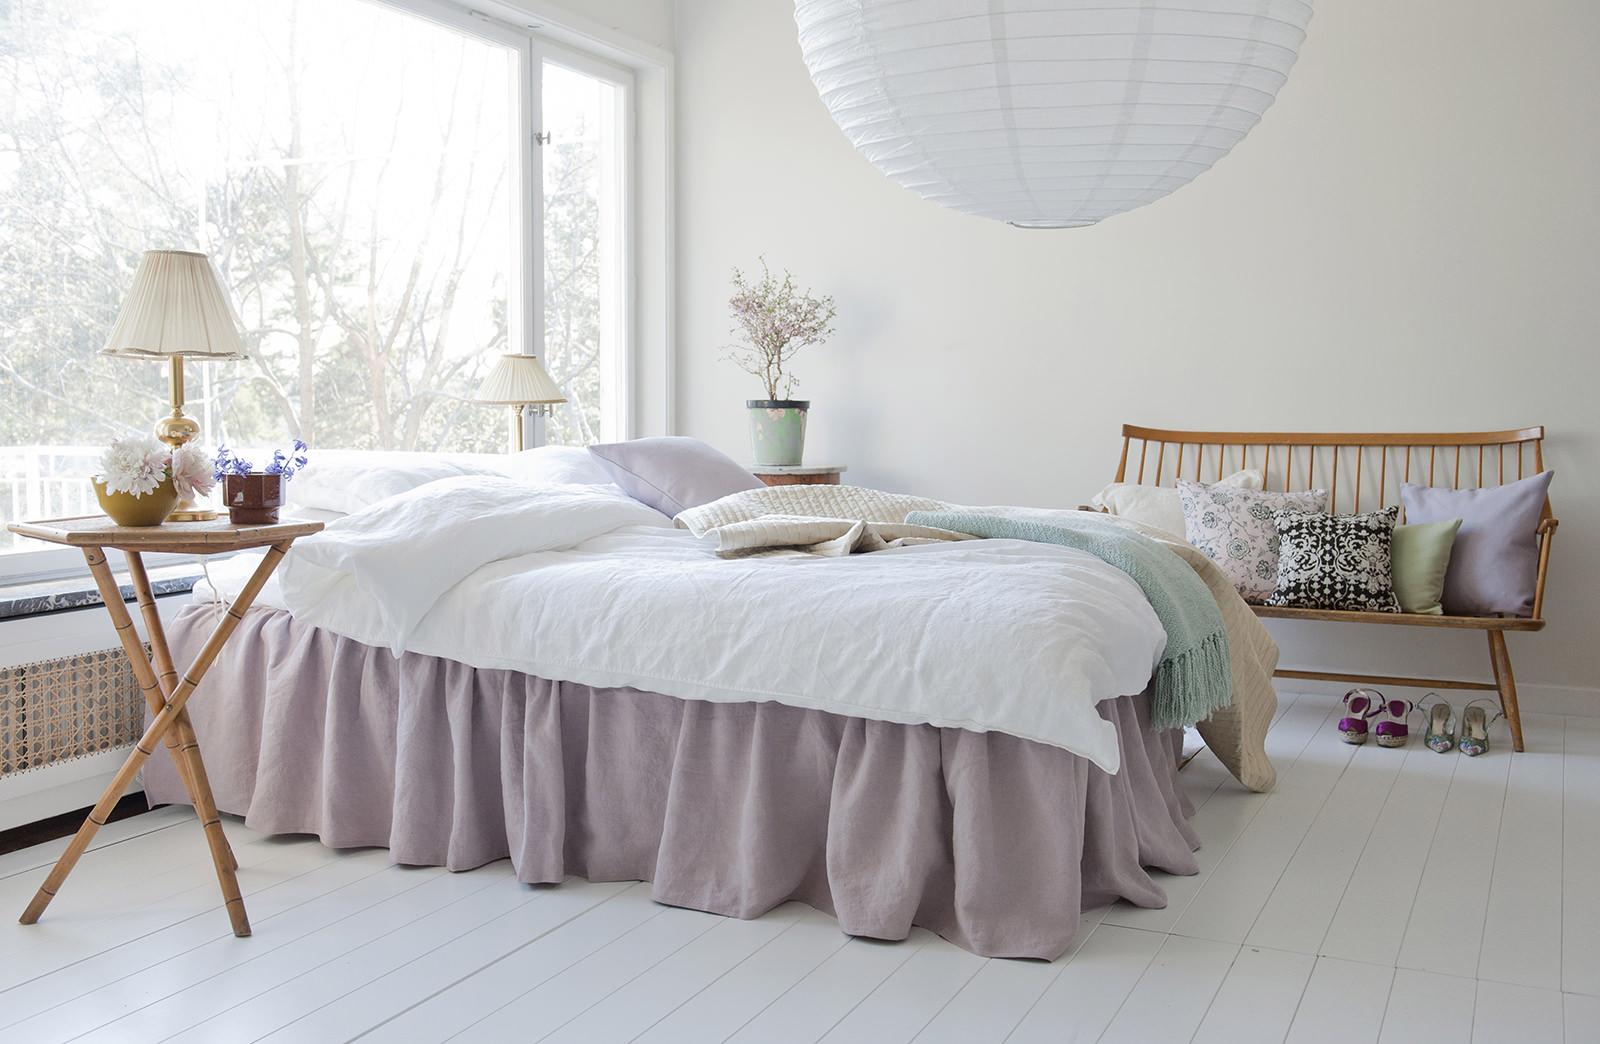 Спальня в скандинавском стиле в доме